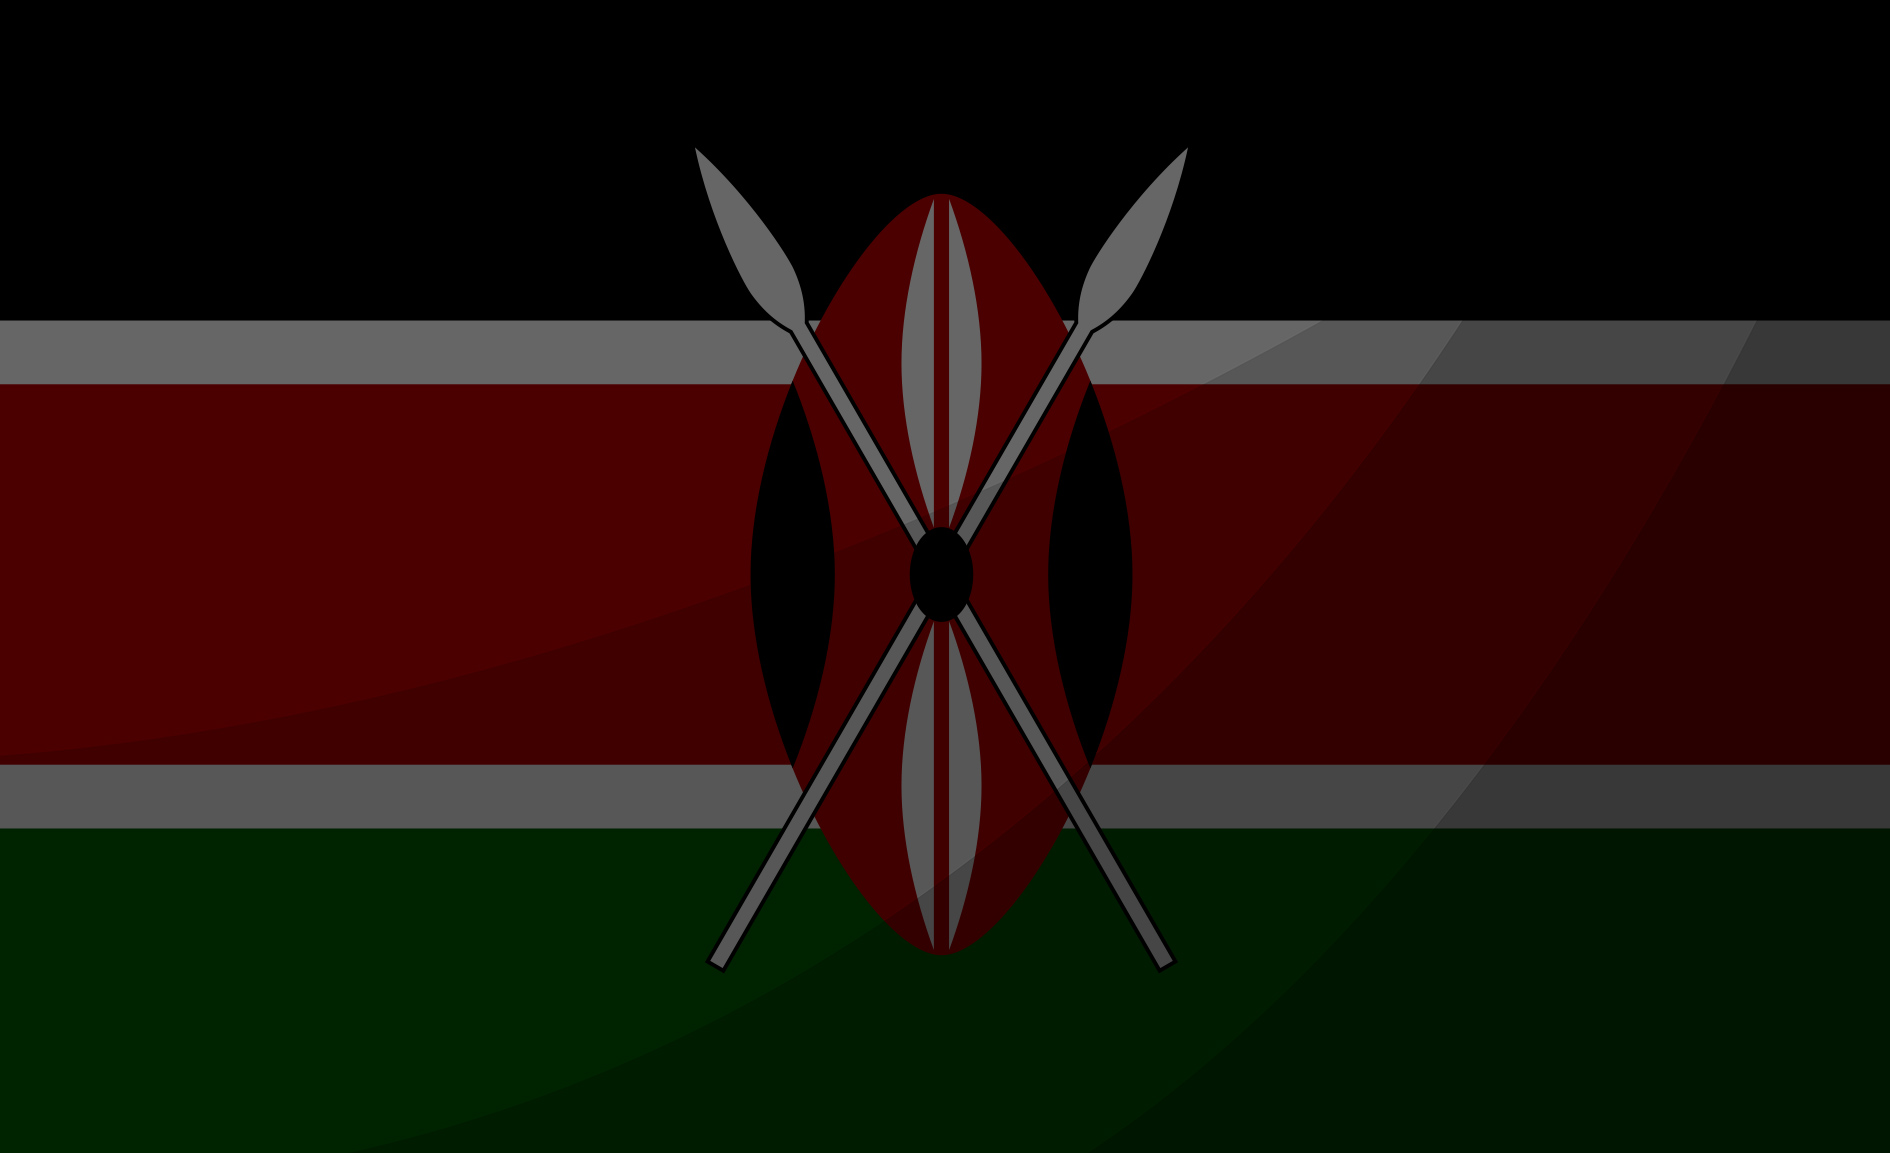 Kenya flag